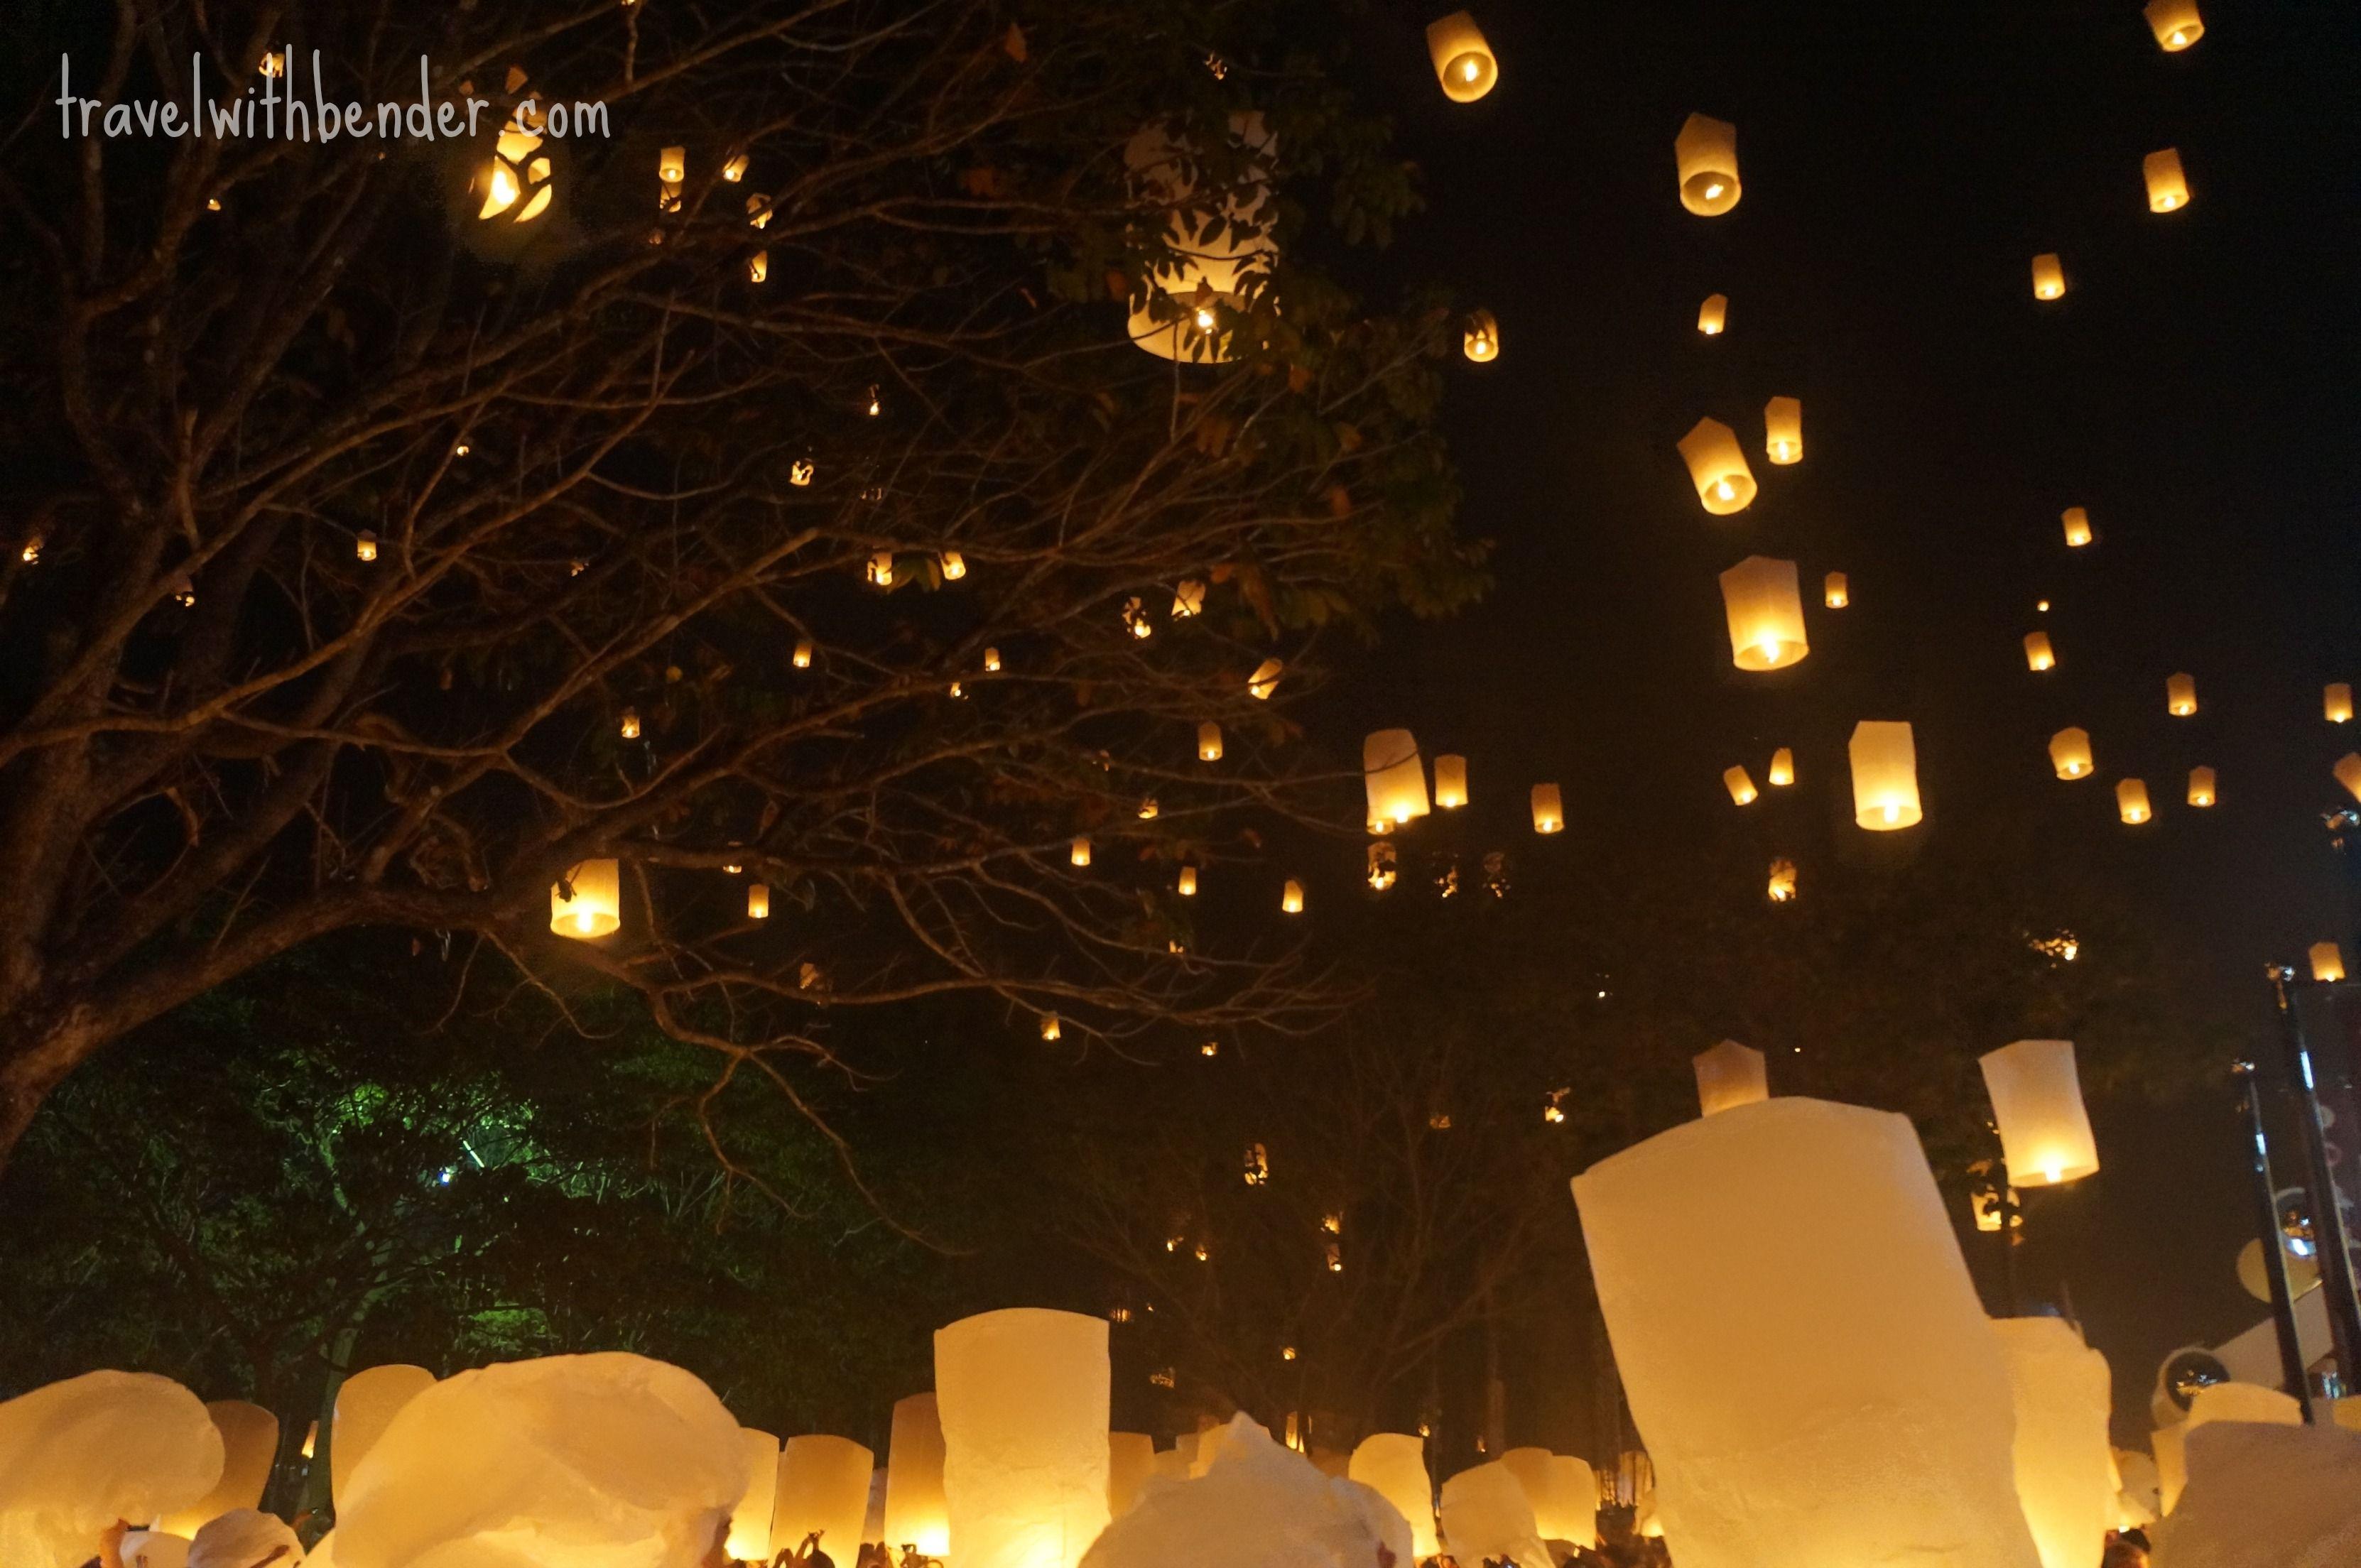 the magic of yi peng floating lantern festival in chiang mai